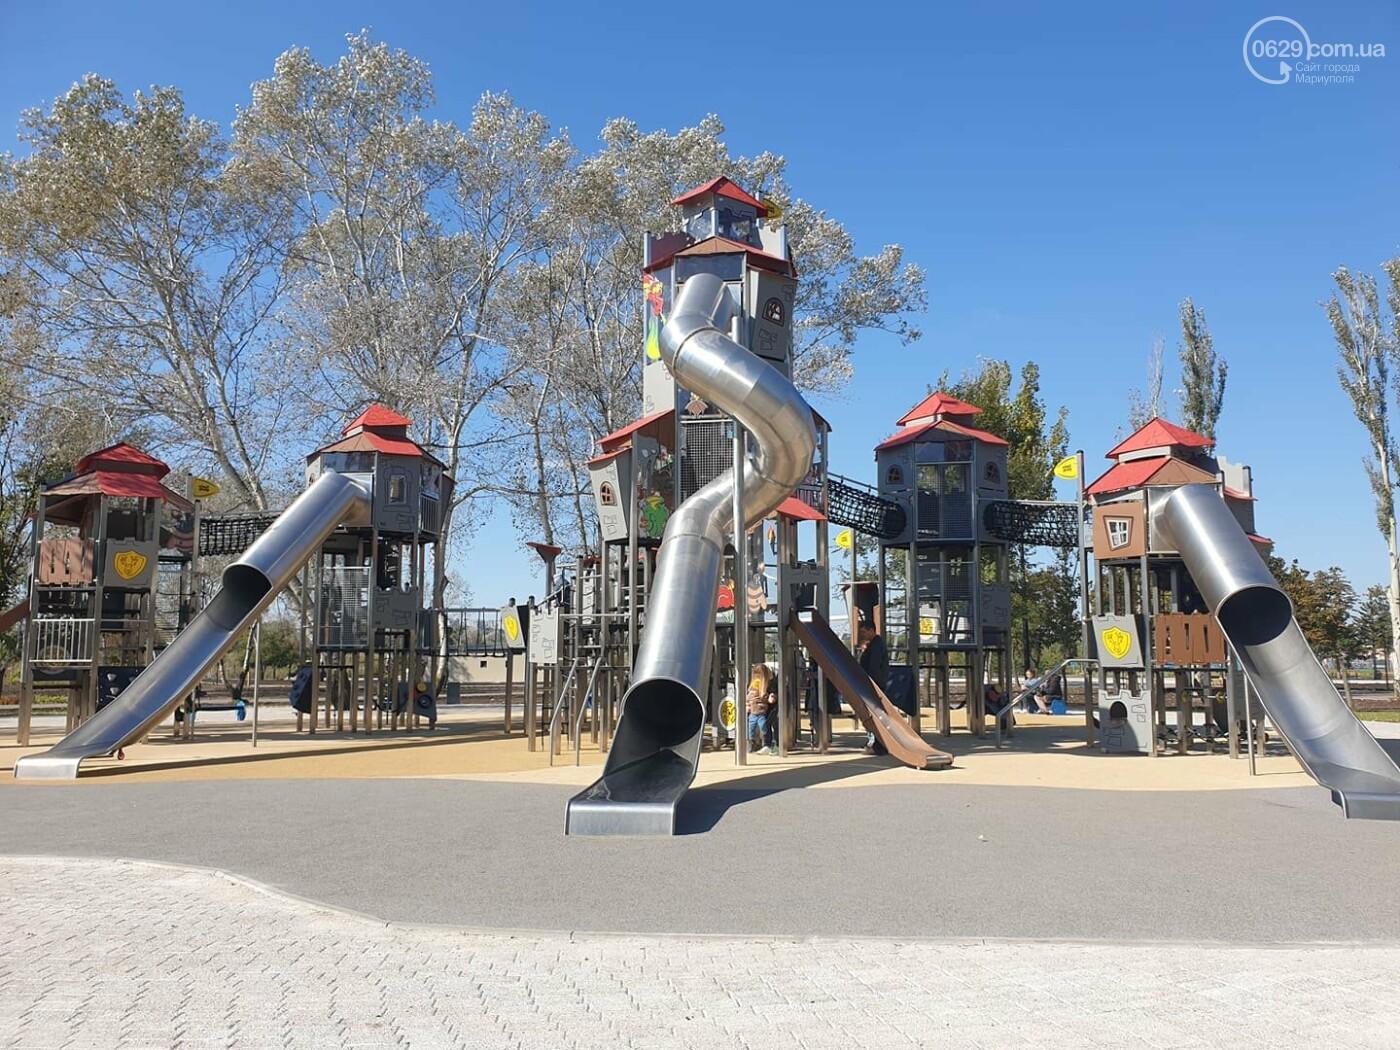 В Мариуполе в парке Гурова на детской площадке травмировался ребенок, - ФОТО, фото-2